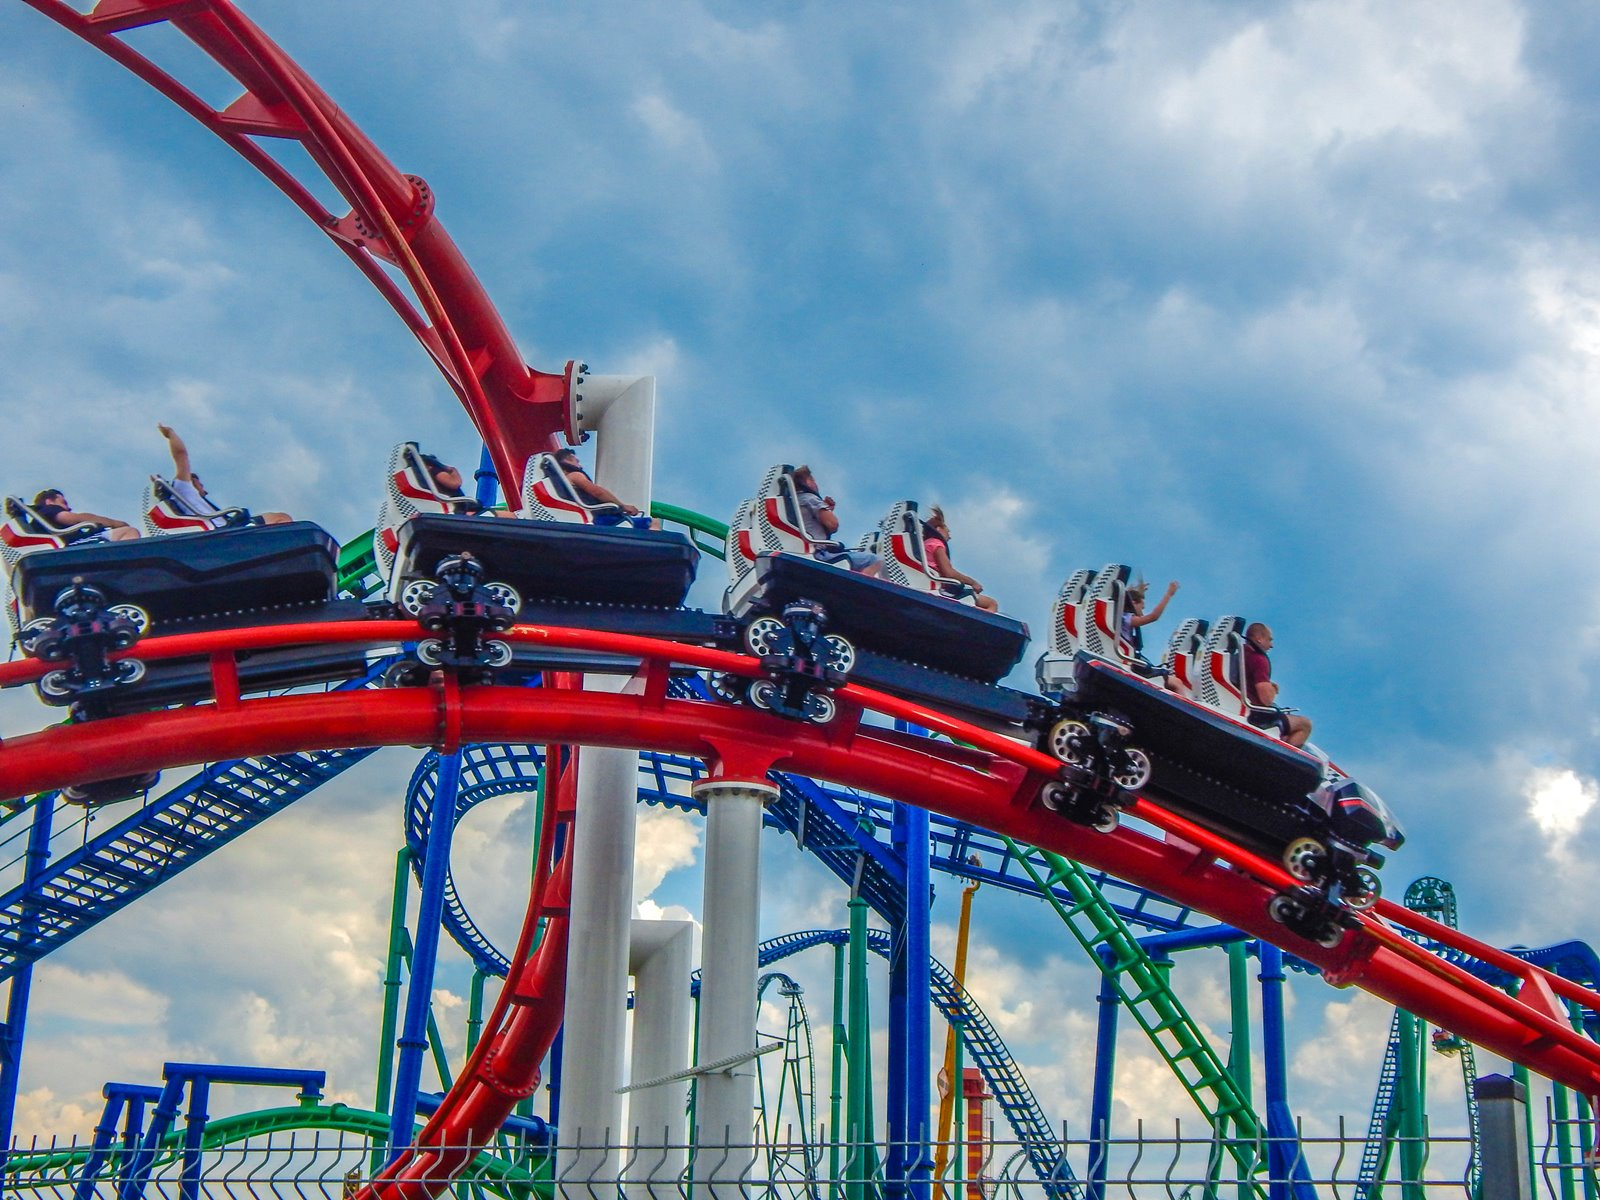 4 enerylandia atrakcje dla rodzin dla dzieci dla starszych czy warto ile kosztuje bilet jak dojechać recenzja opinie strach boję się roller coaster karuzele strefa wodna speed water coster pokazy lista